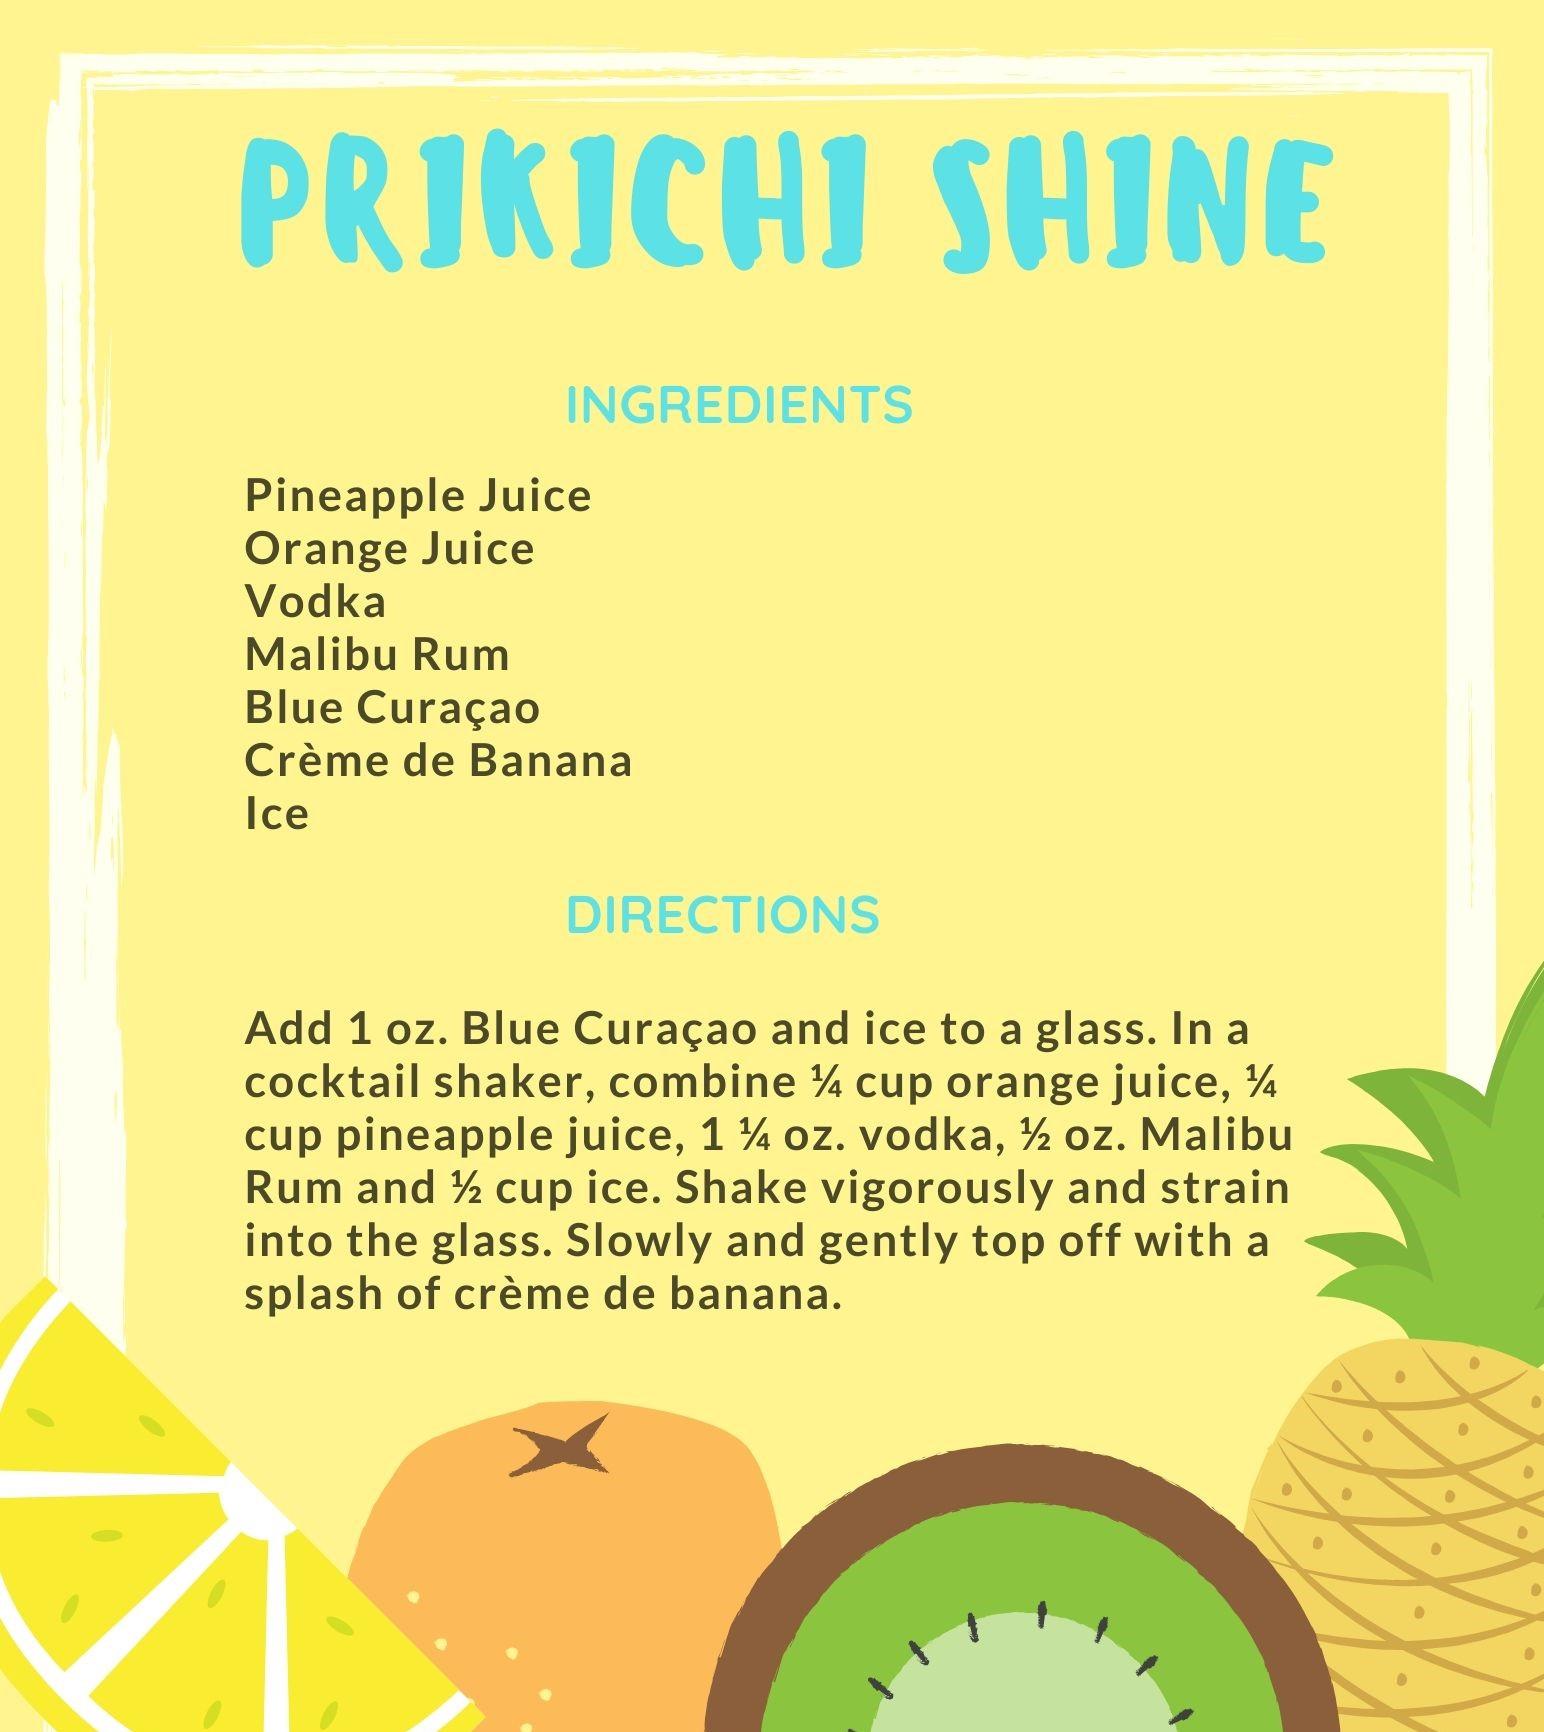 Prikichi Shine